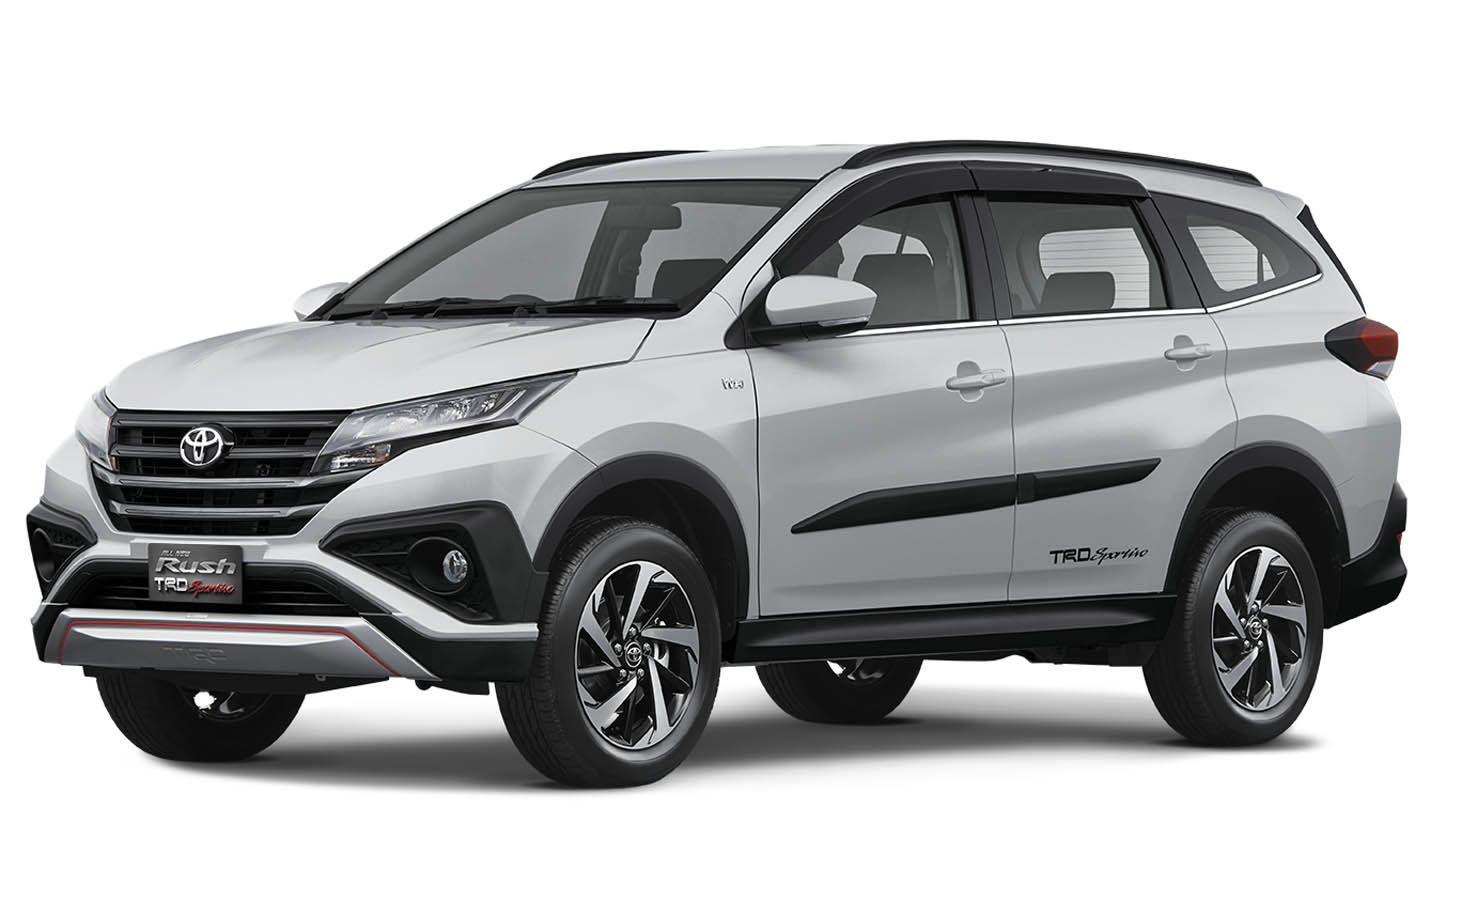 تويوتا راش الجديدة كروس أوفر عائلية مميزة من الحجم الصغير موقع ويلز Daihatsu Terios Daihatsu Toyota